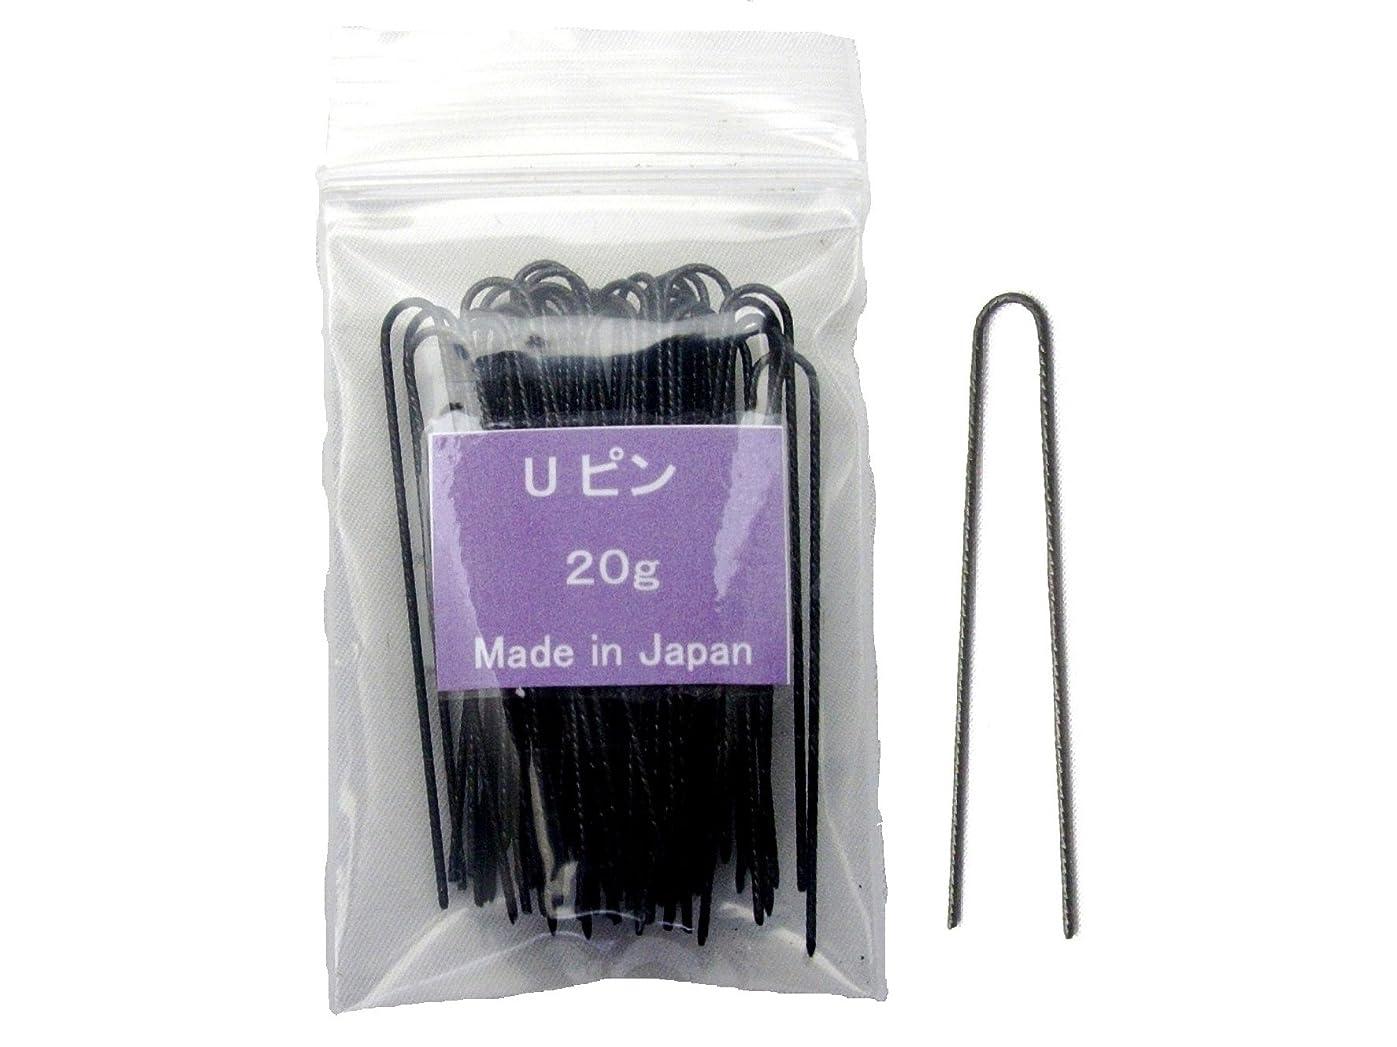 下手北米確立します【Made in Japan】Uピン 20g